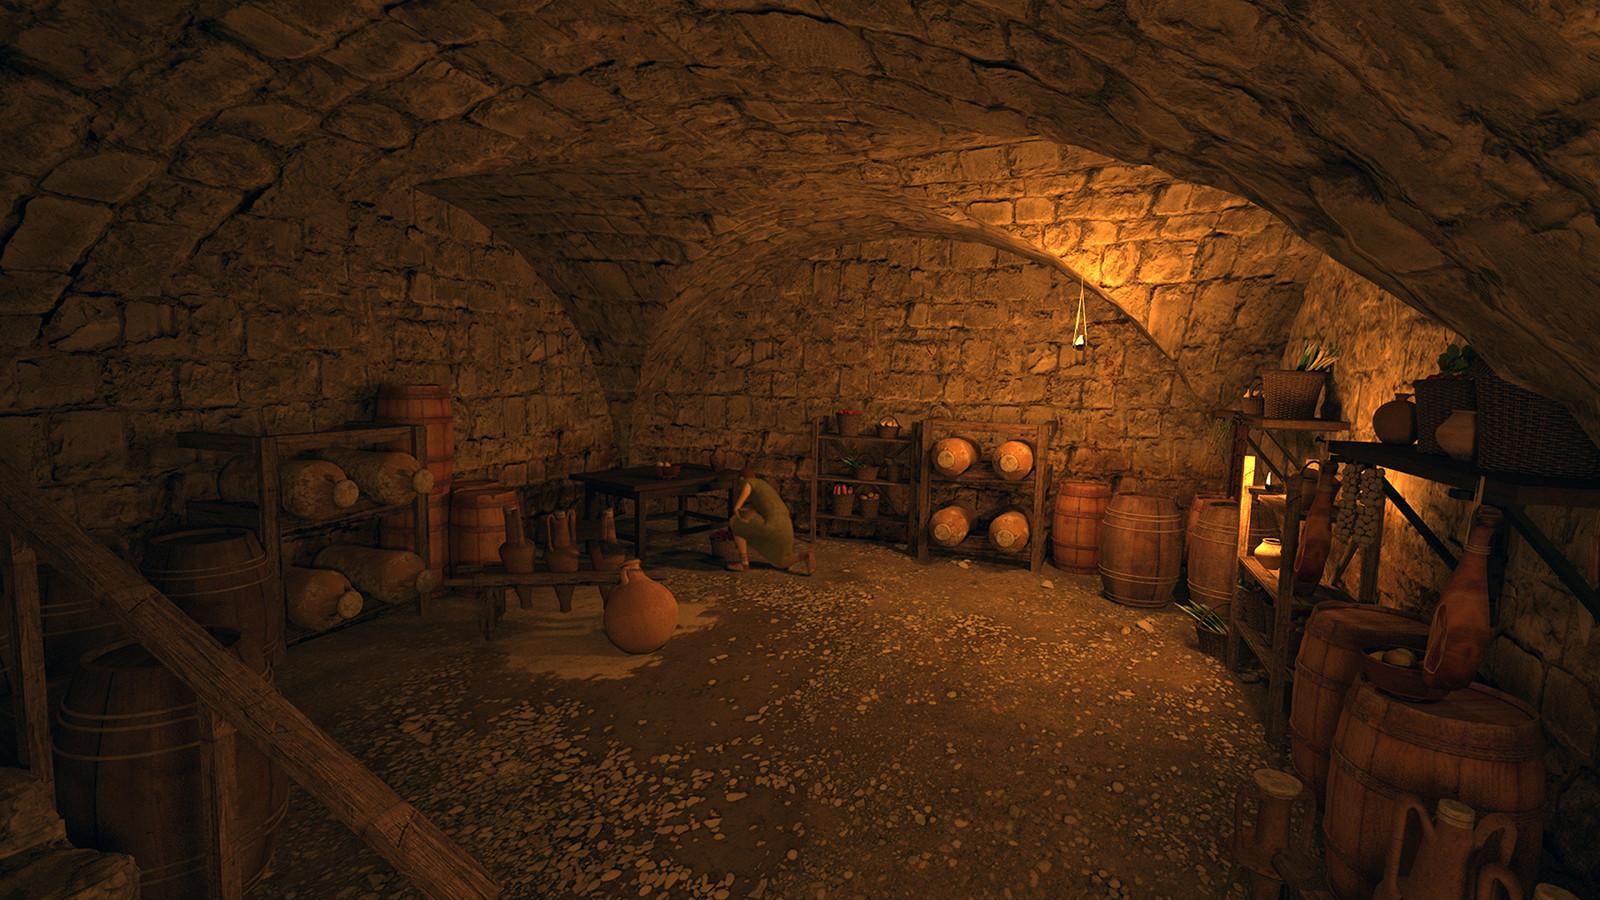 Roman cellar